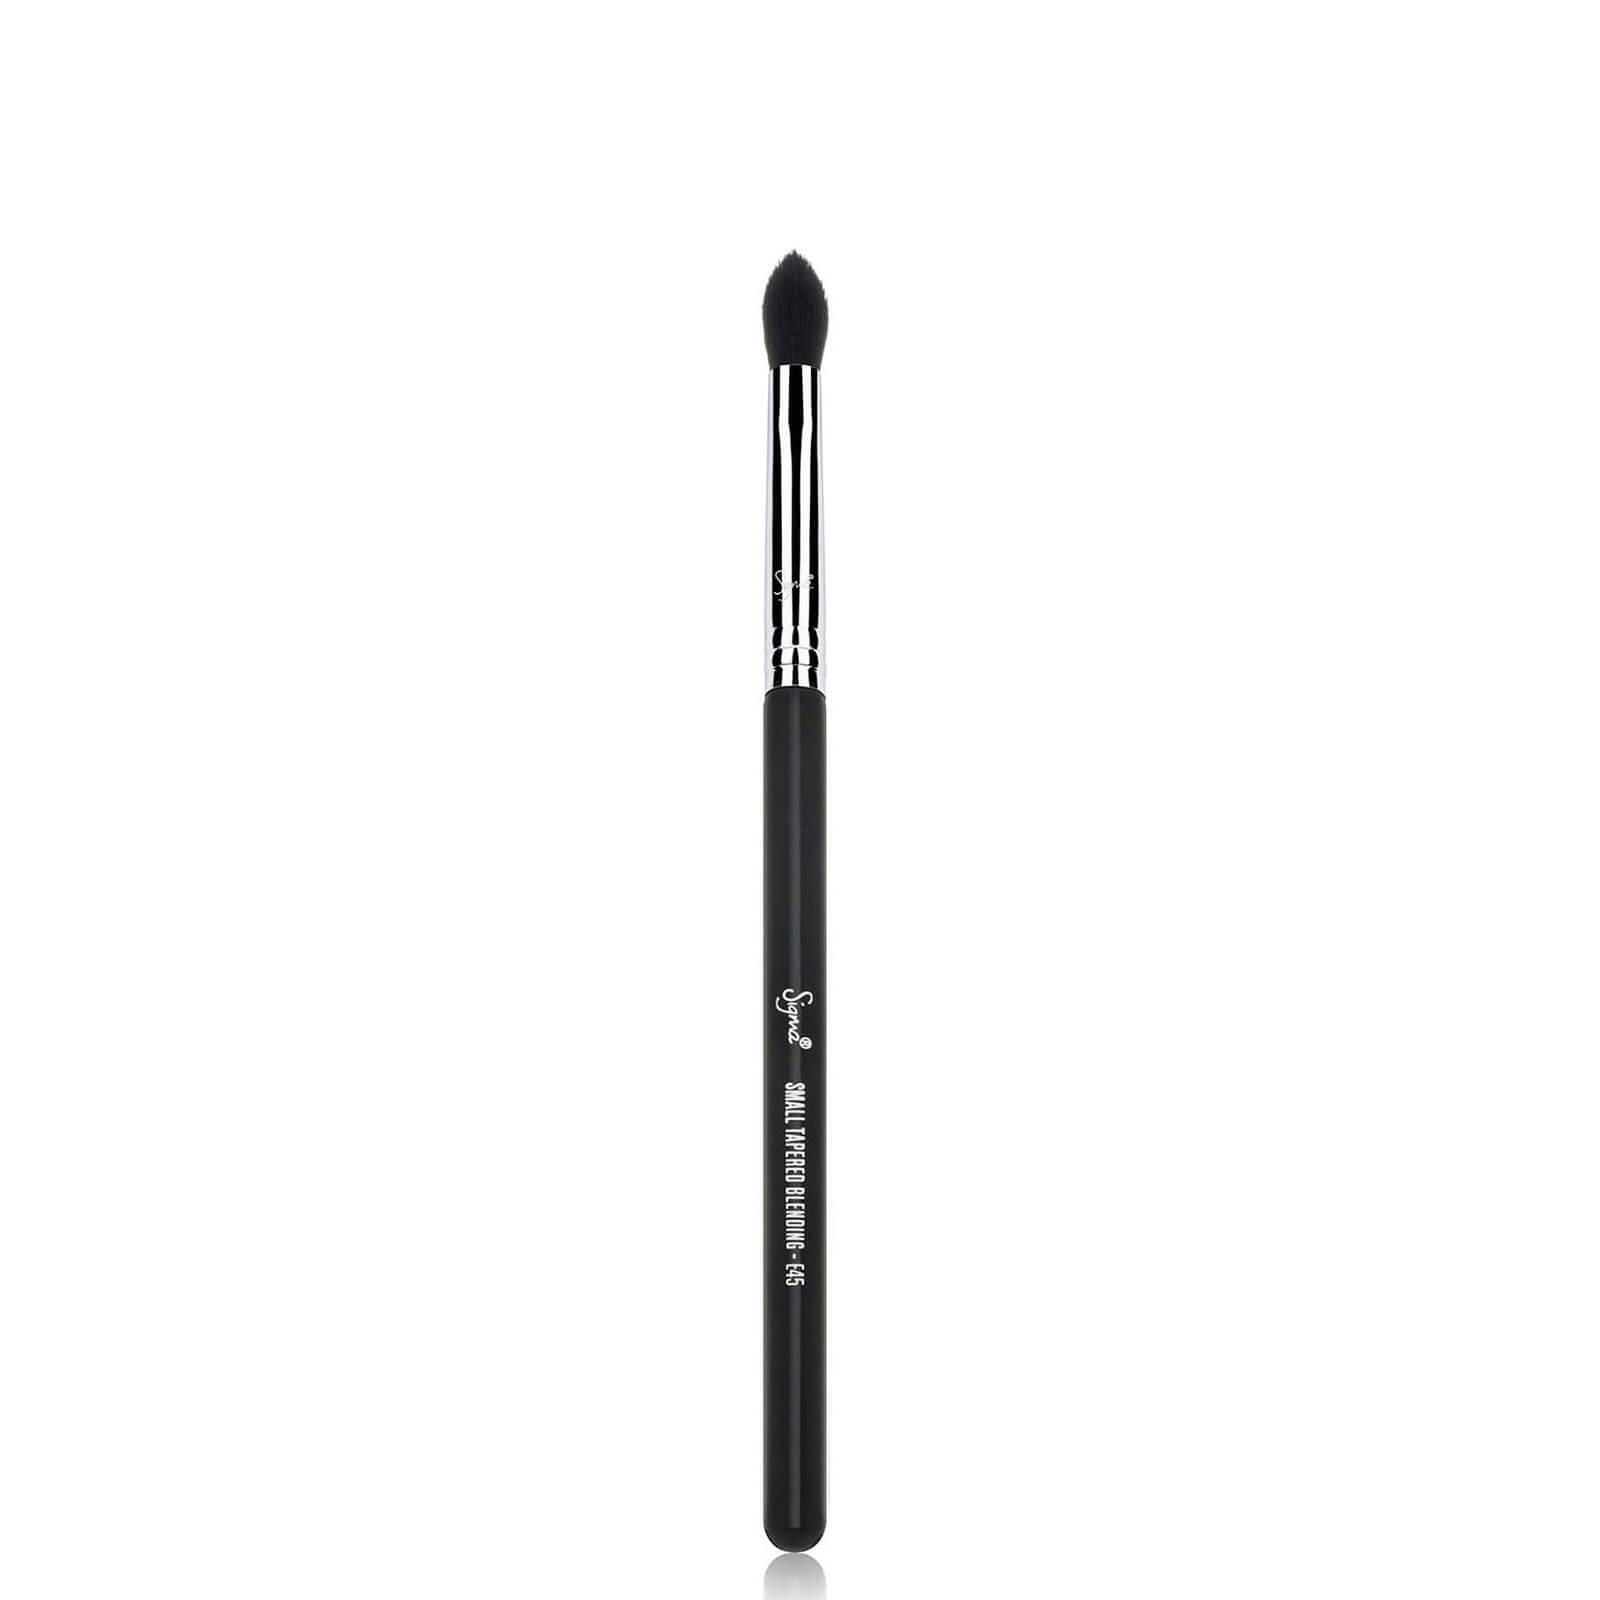 Купить Маленькая конусообразная кисть для растушевки теней Sigma Beauty E45 - Small Tapered Blending Brush